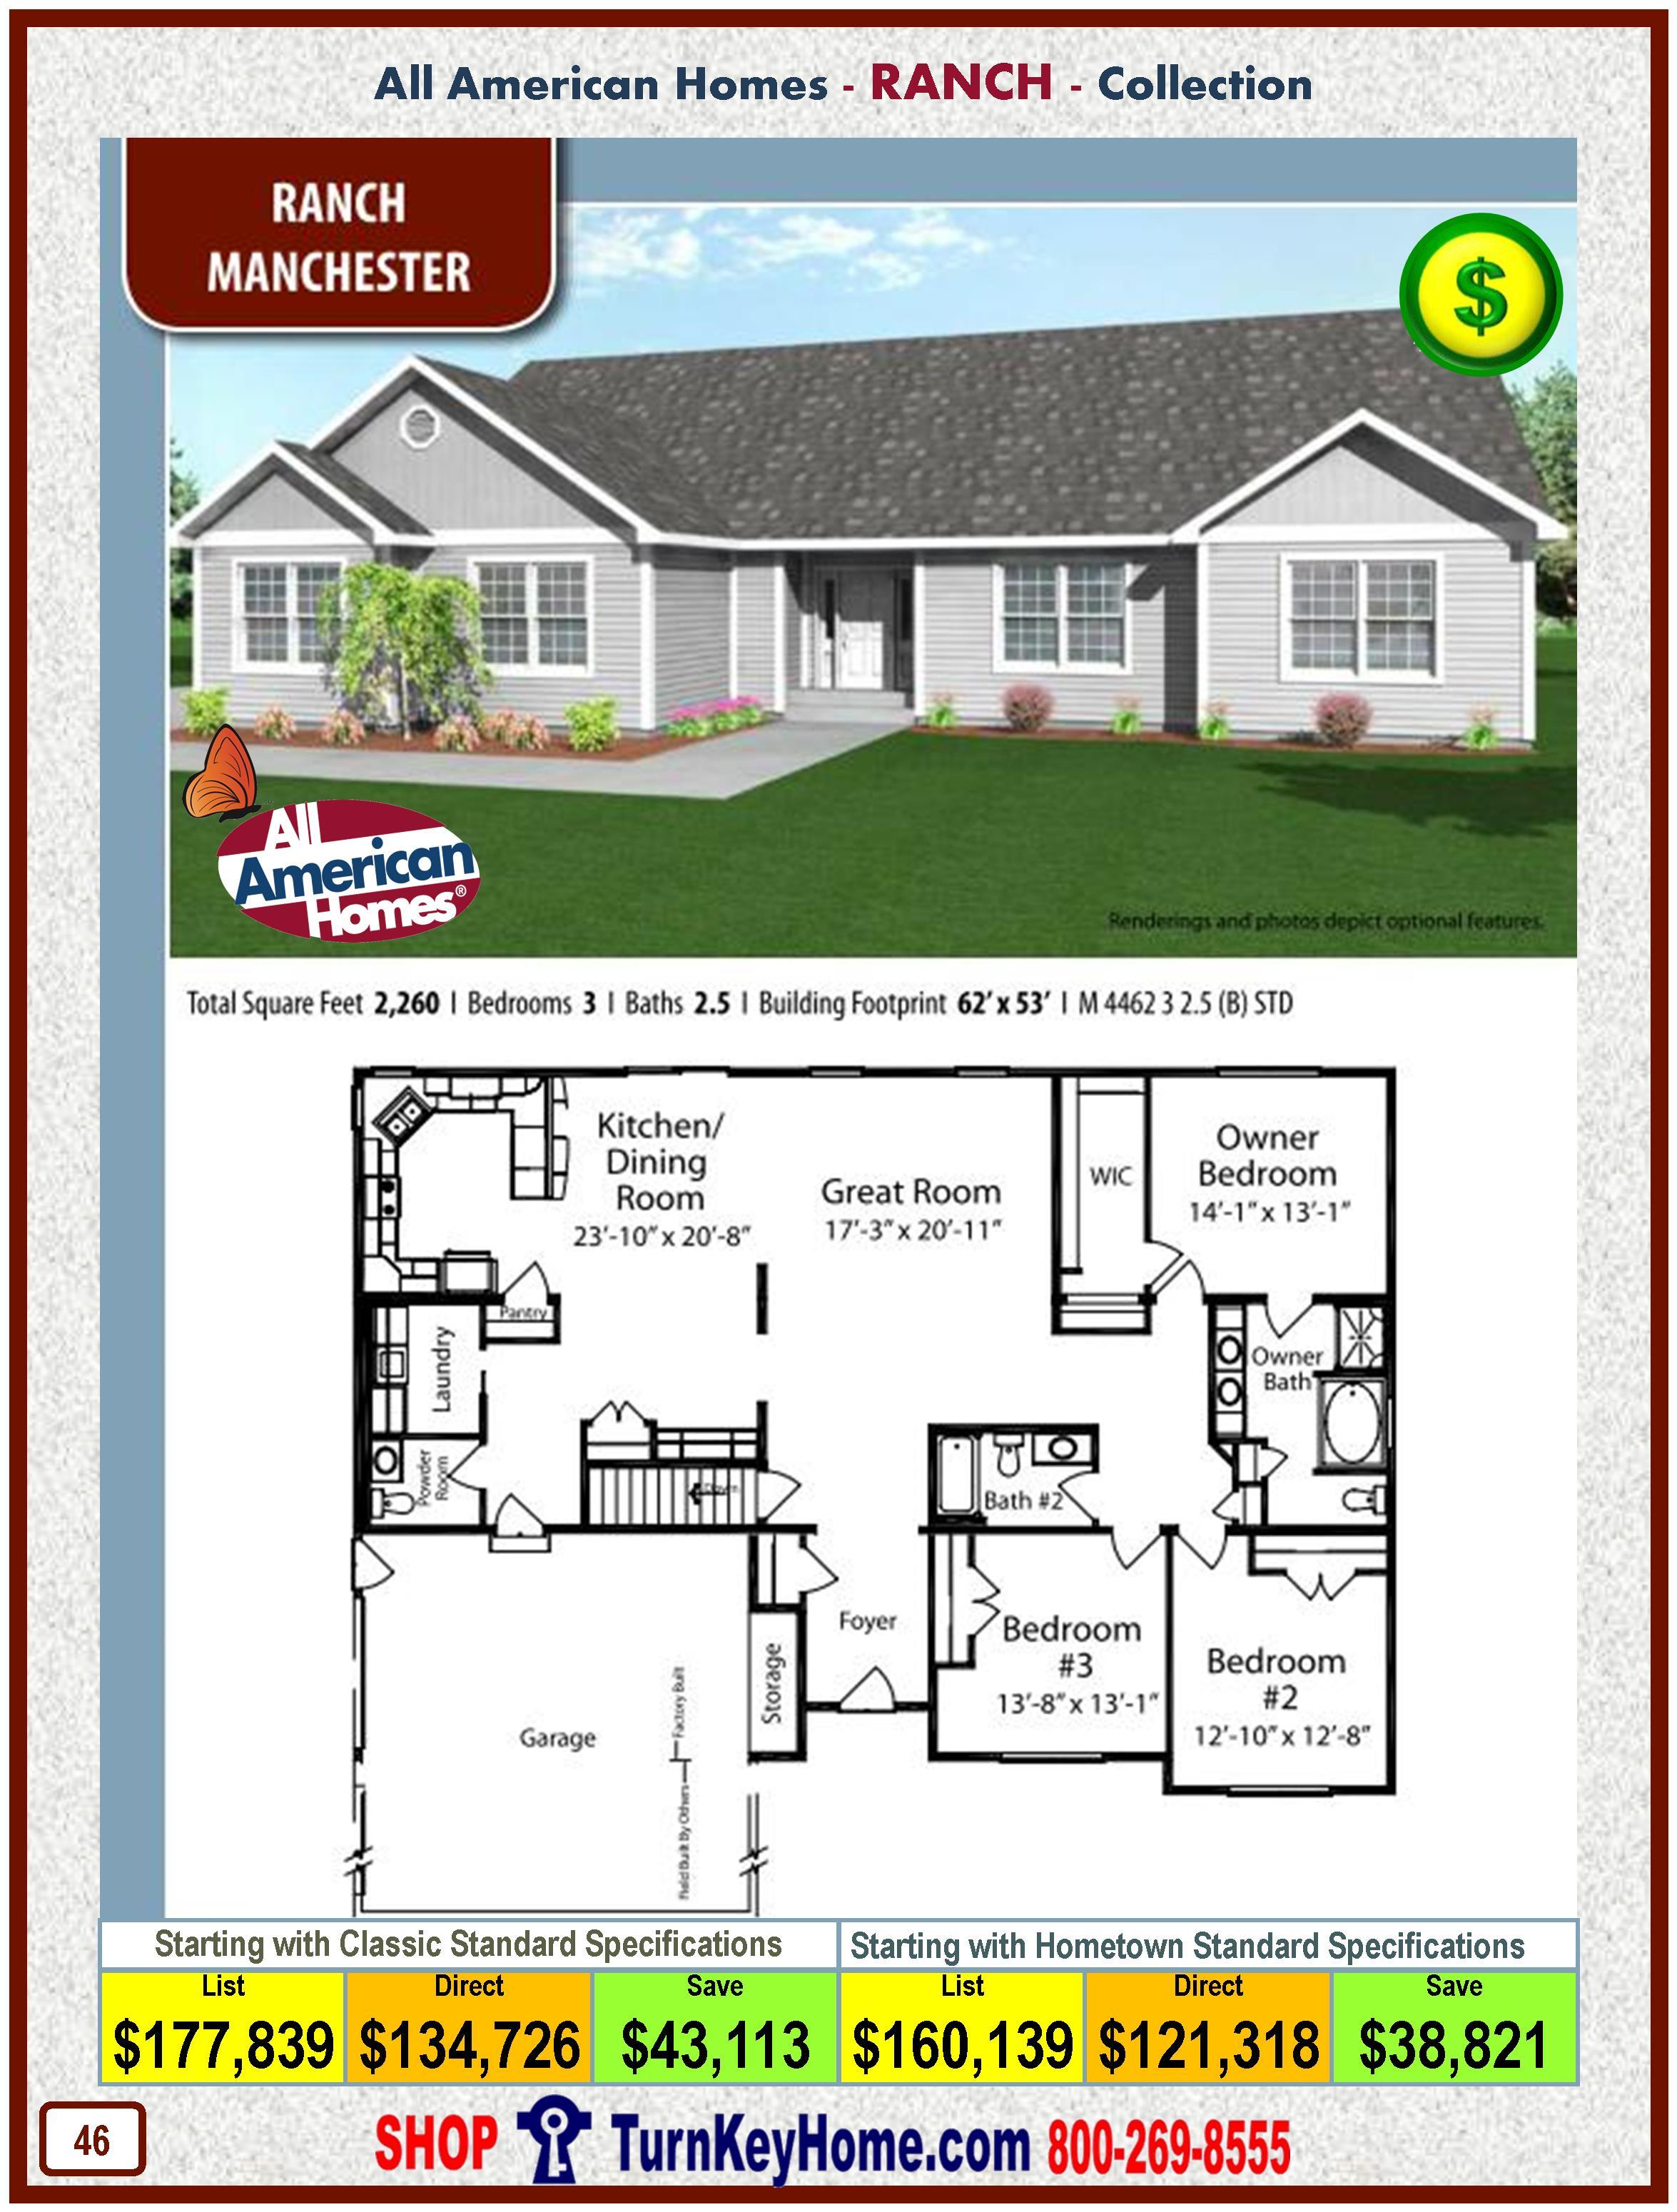 manchester all american modular home ranch collection modular home